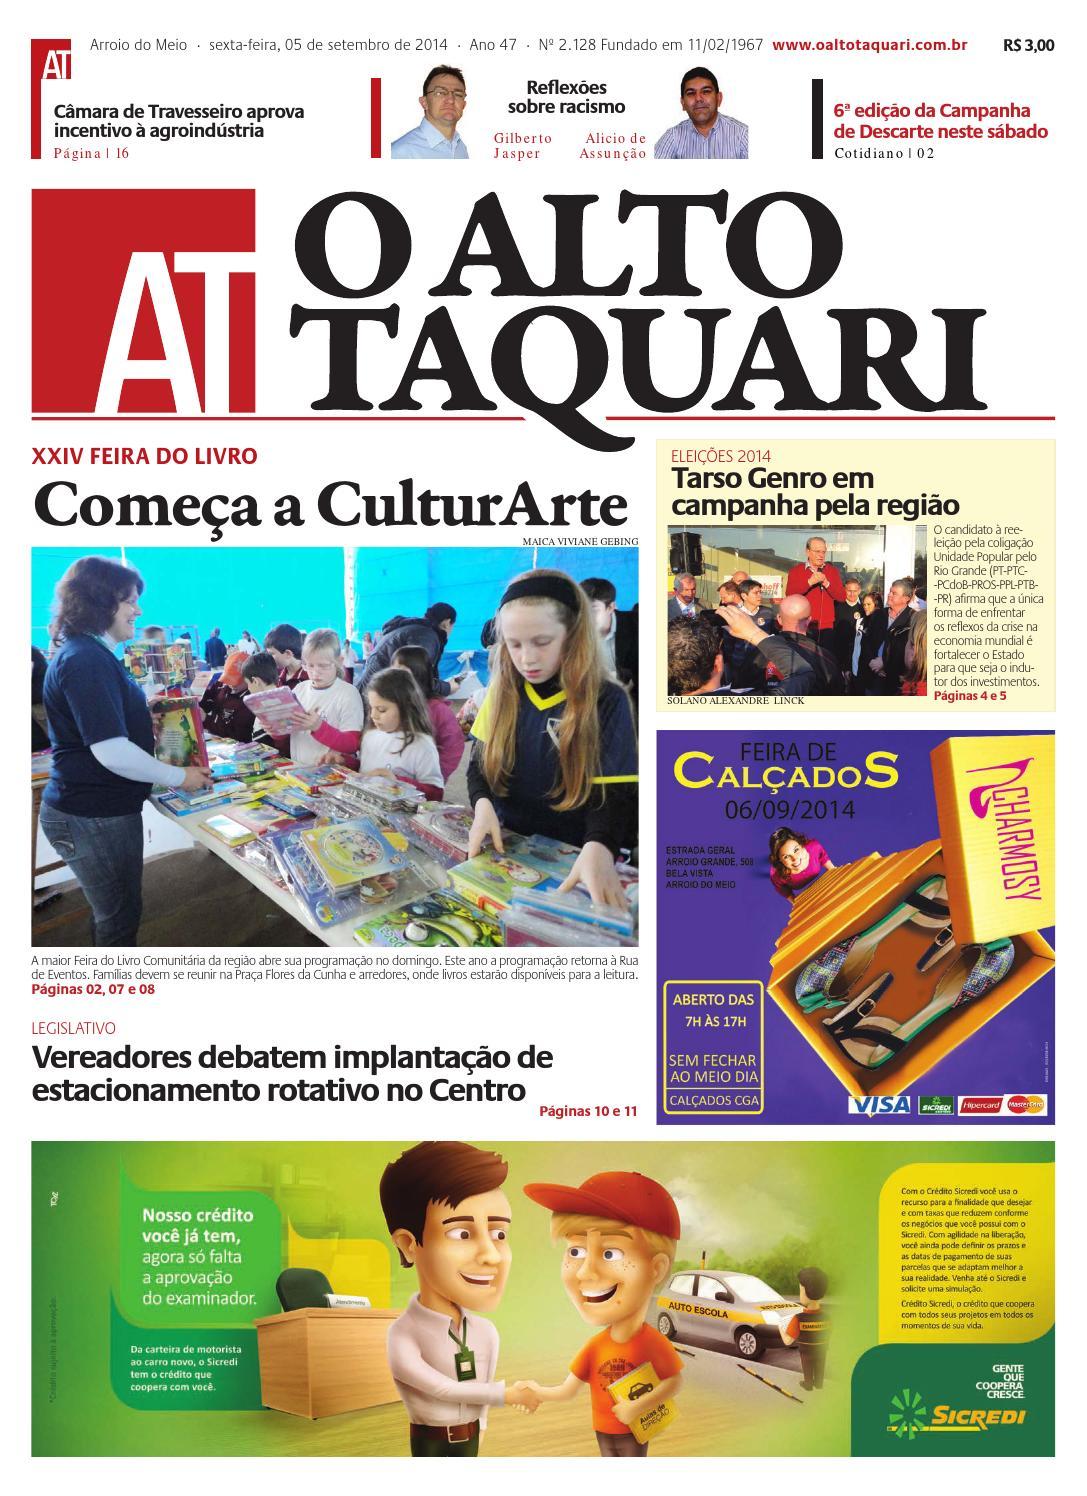 cf5b2201f7 Jornal O Alto Taquari - 05 de setembro de 2014 by Jornal O Alto Taquari -  issuu